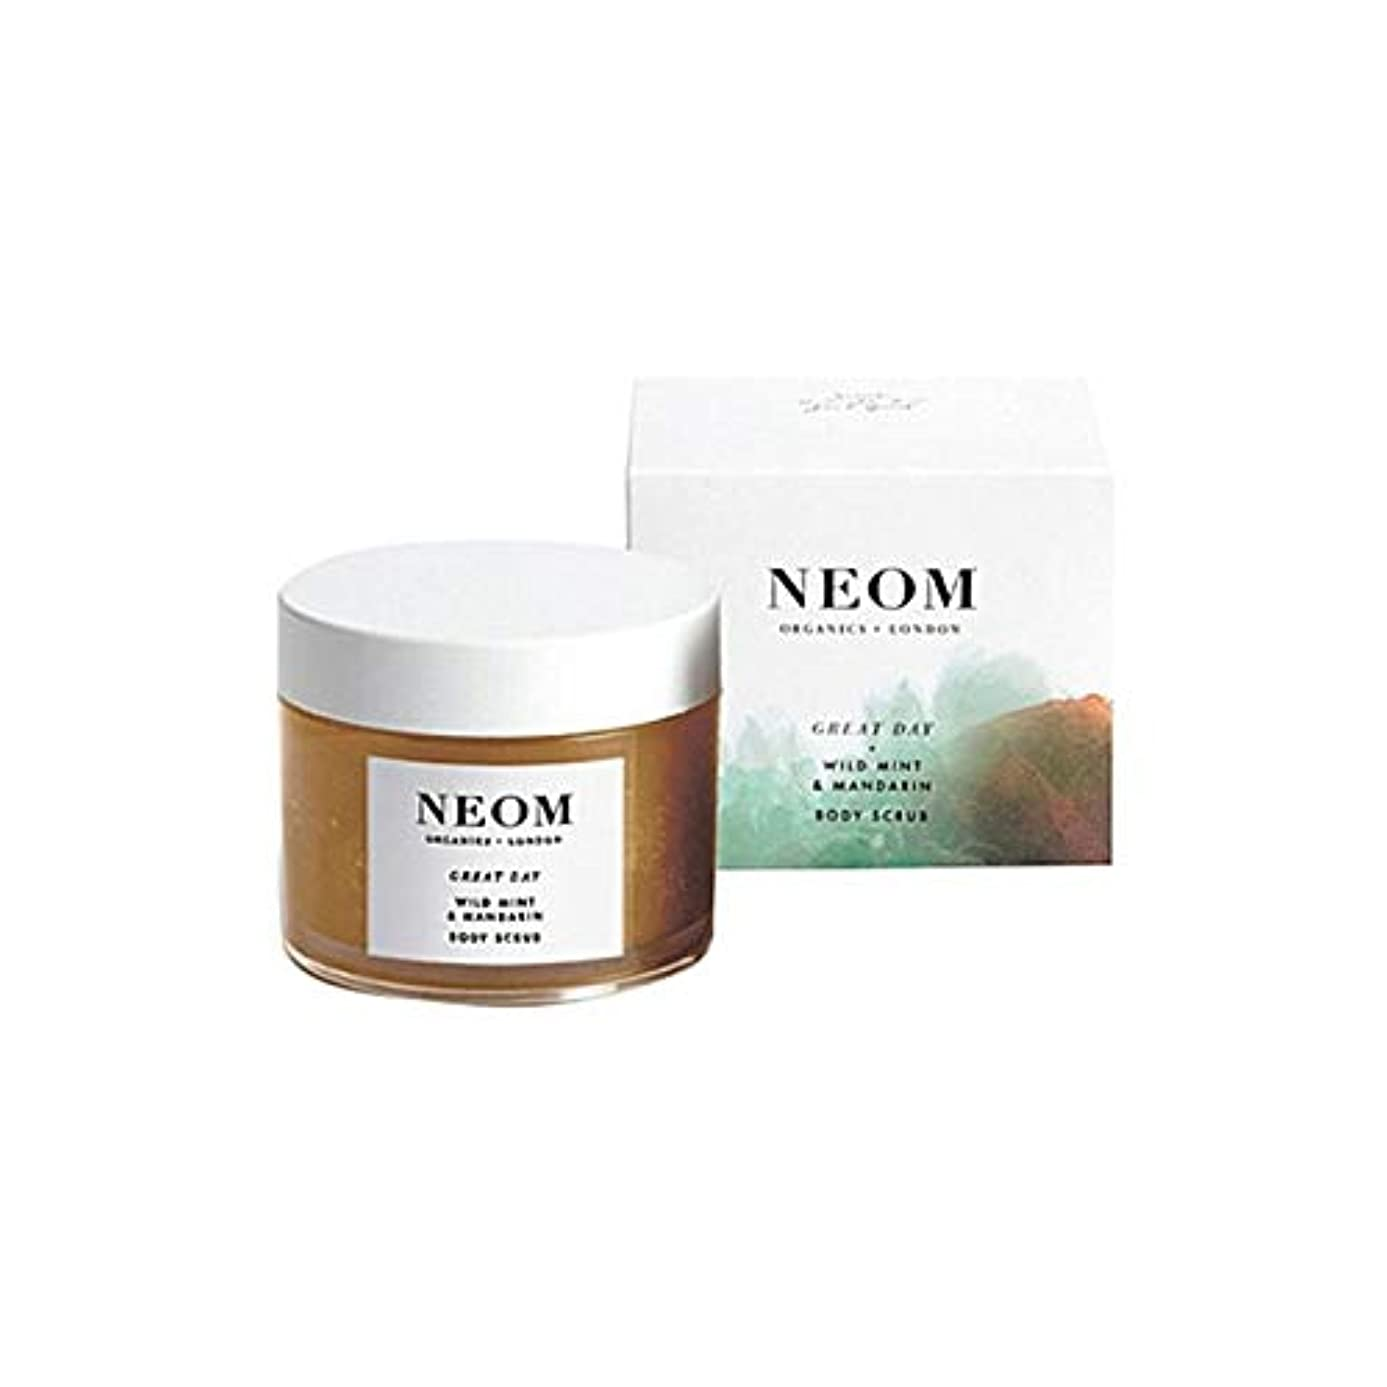 微生物ベックス最後の[Neom] Neom高級有機物素晴らしい一日ボディスクラブ332グラム - Neom Luxury Organics Great Day Body Scrub 332G [並行輸入品]